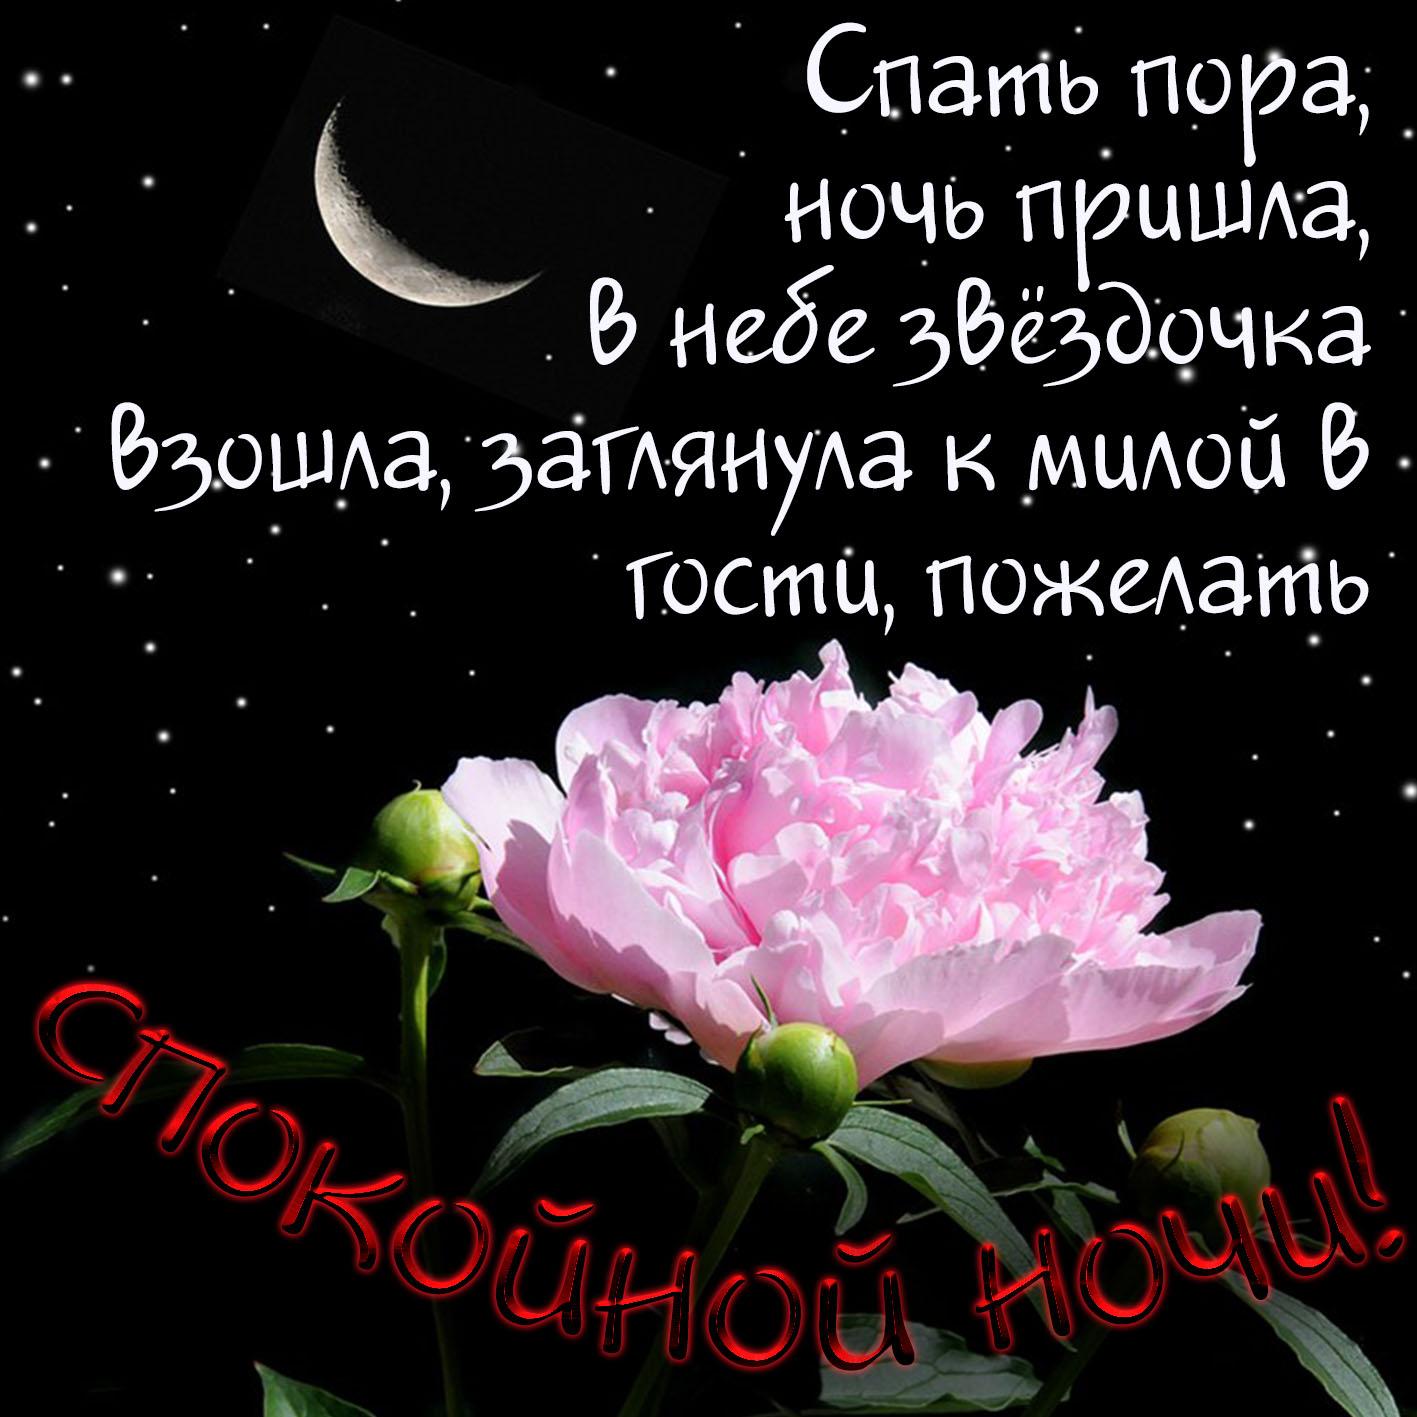 Открытка, картинки цветы девушке с надписями спокойной ночи